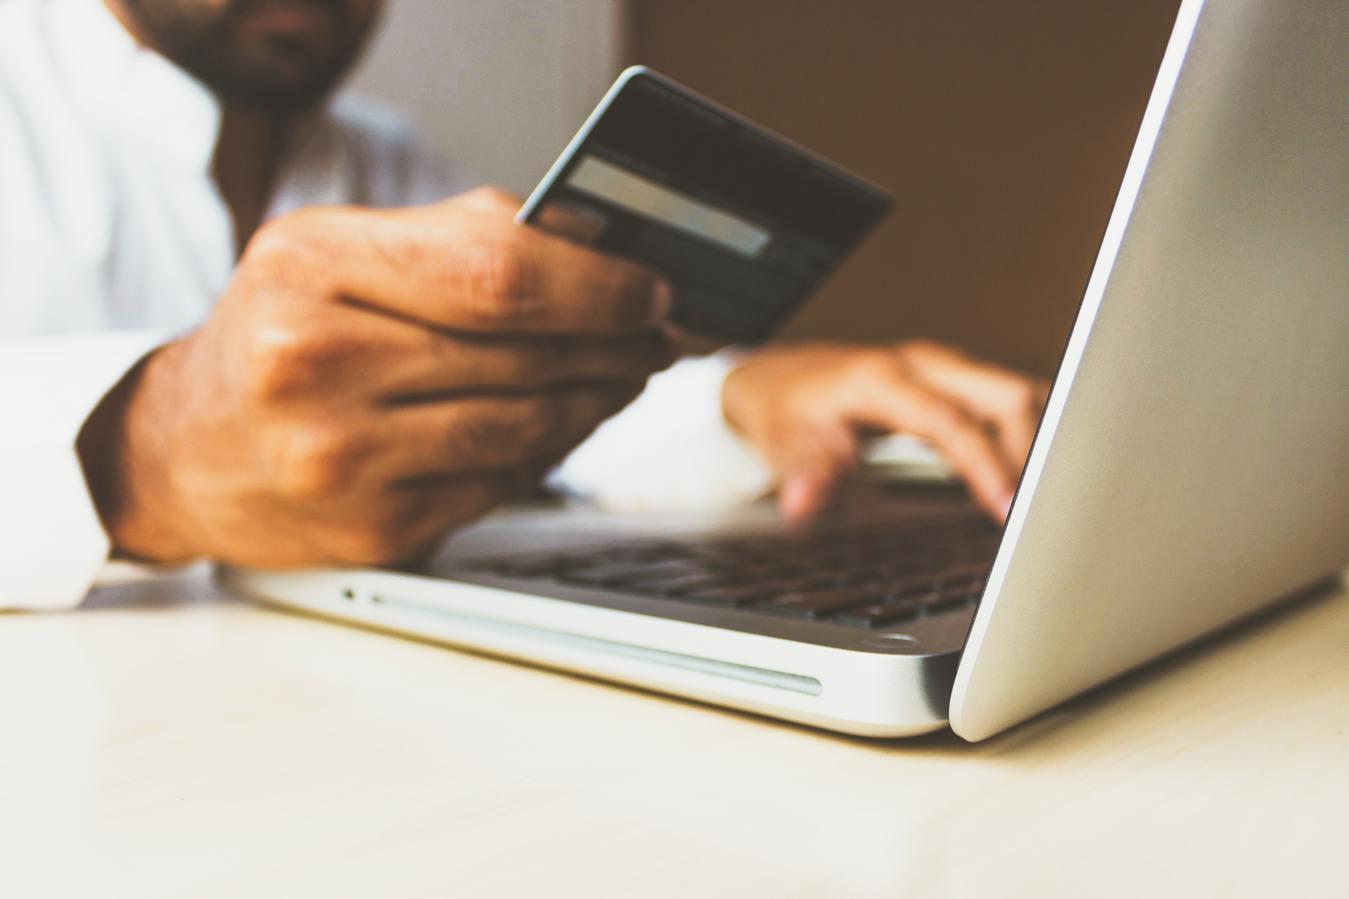 Transazione con carta online